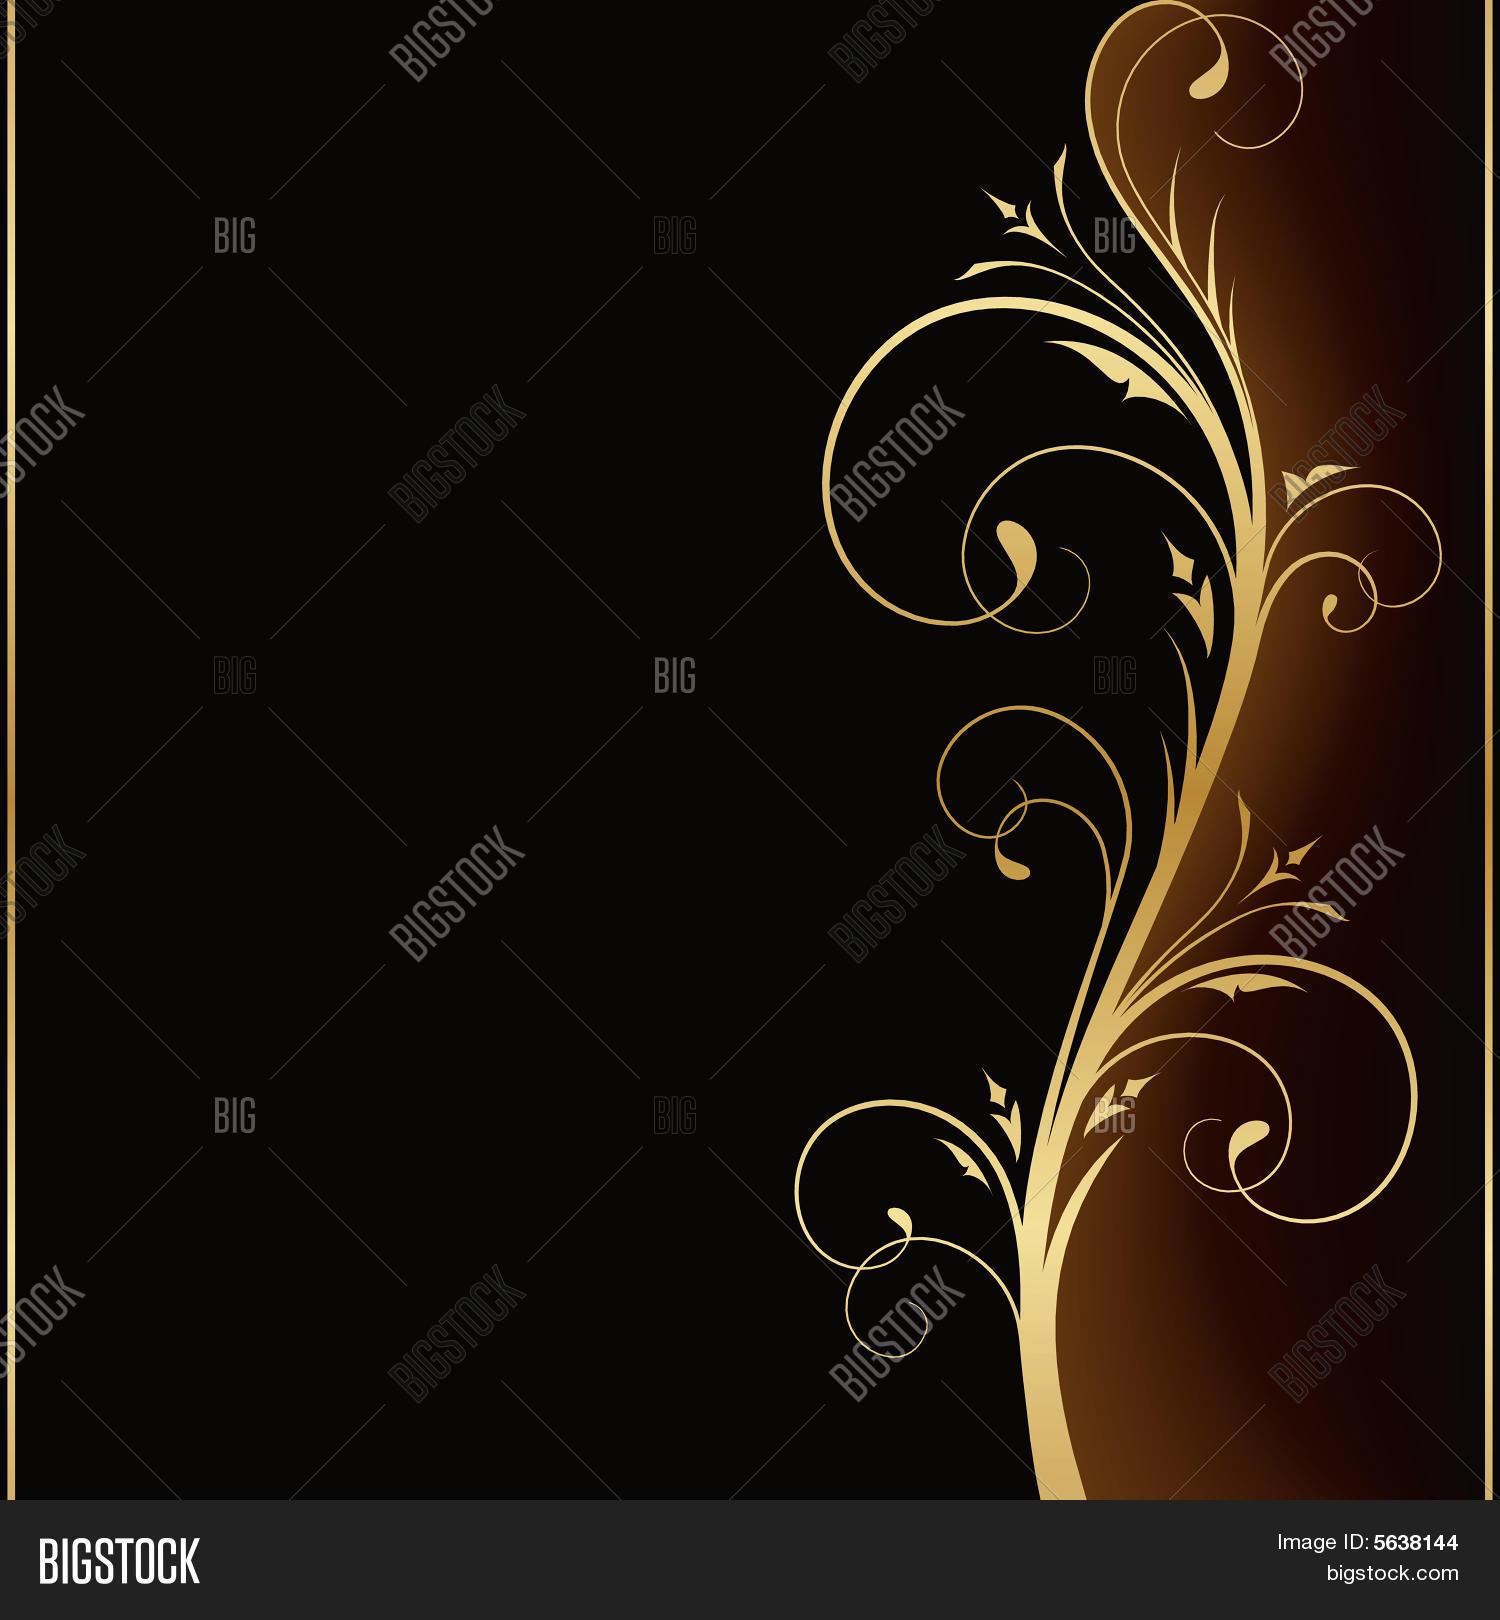 L gant fond noir avec dessin floral dor photos et - Dessin fond noir ...